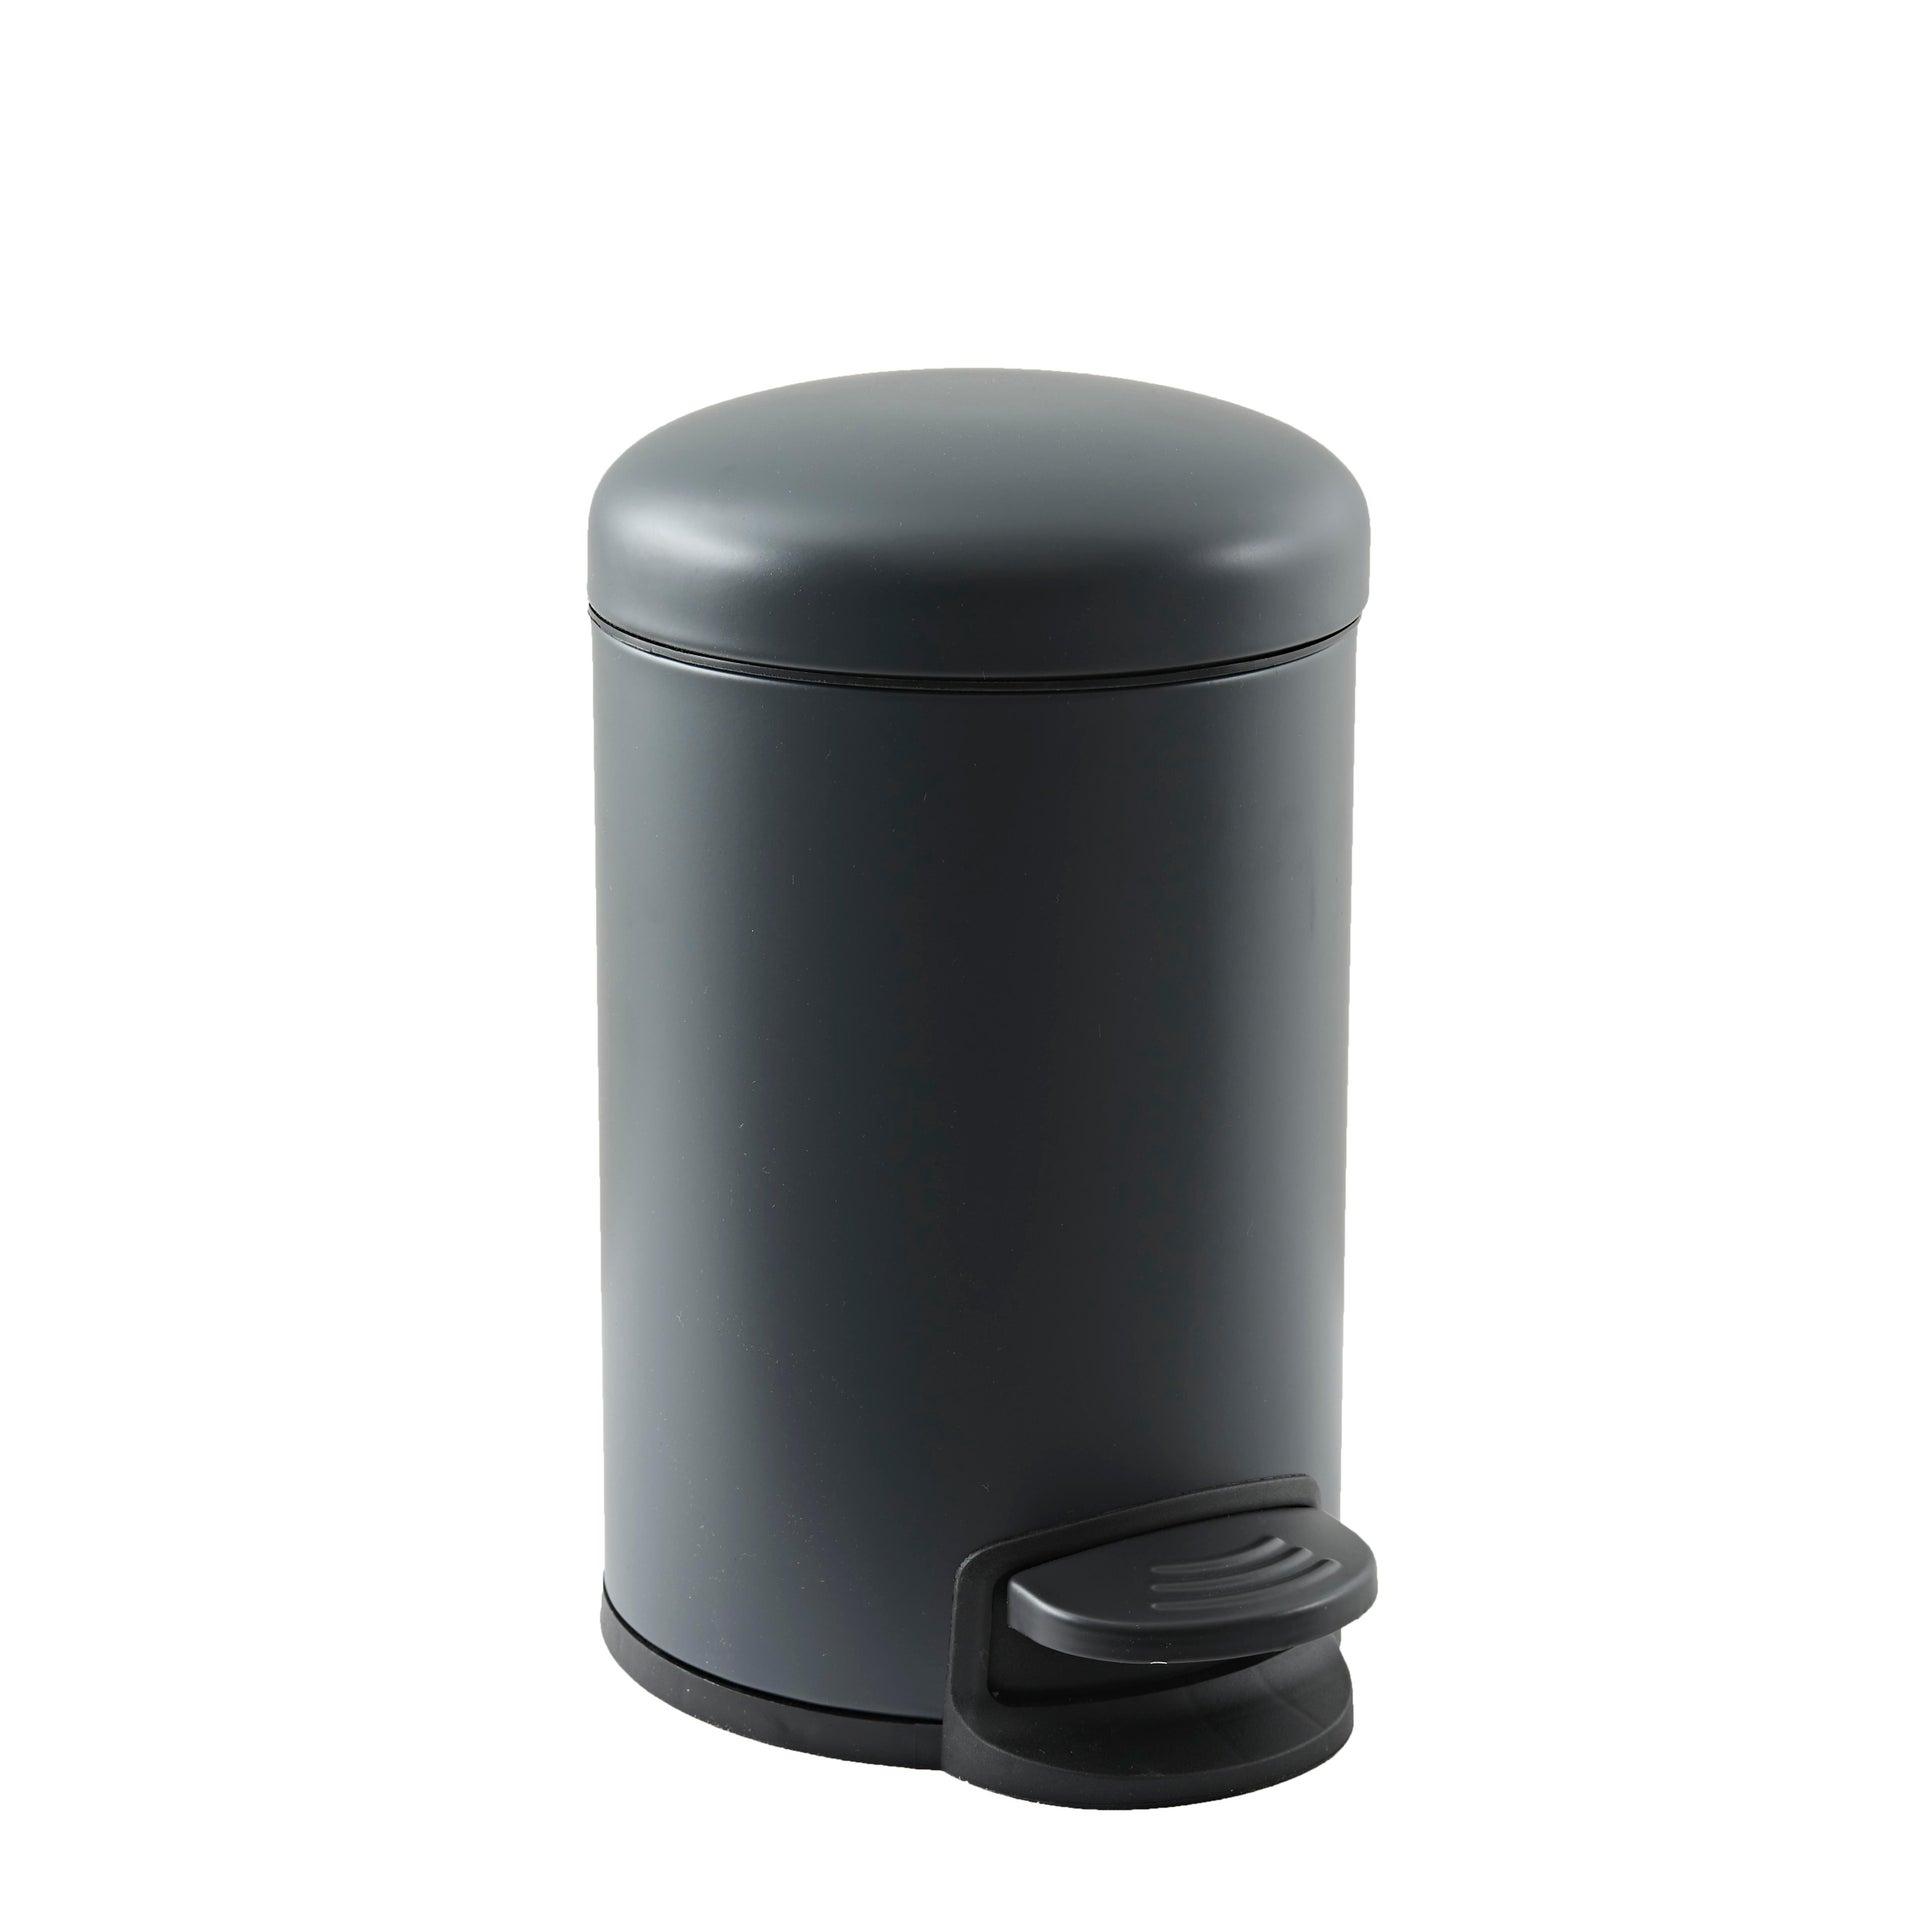 Pattumiera da bagno a pedale SENSEA 3 Lin acciaio - 1